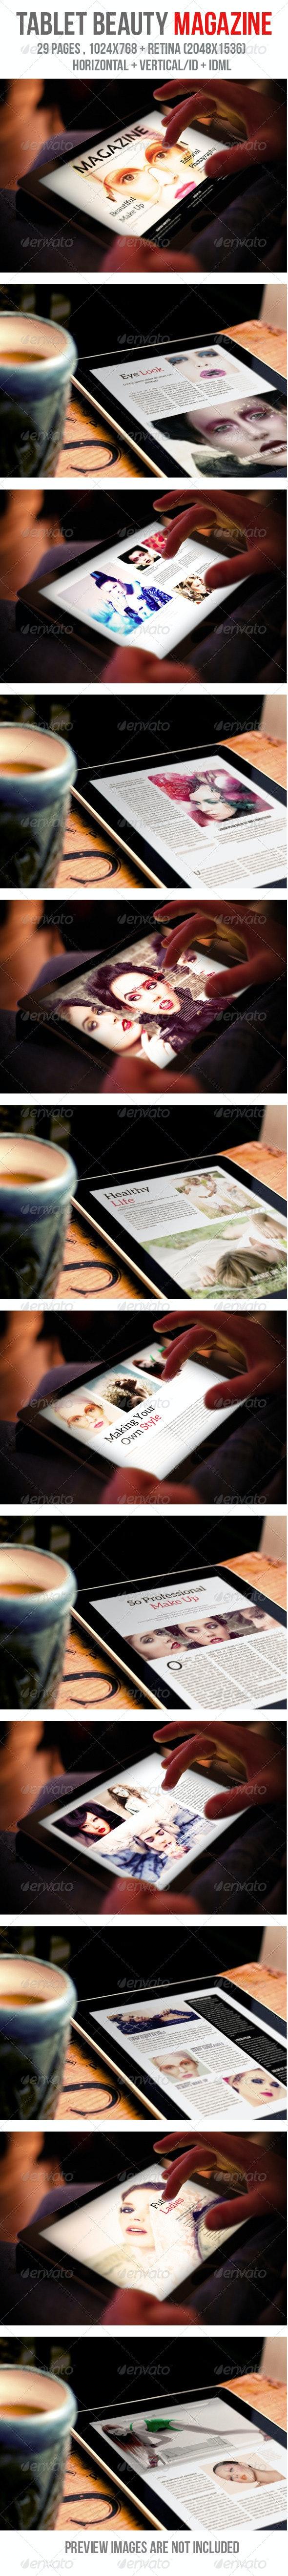 iPad & Tablet Beauty Magazine - Digital Magazines ePublishing